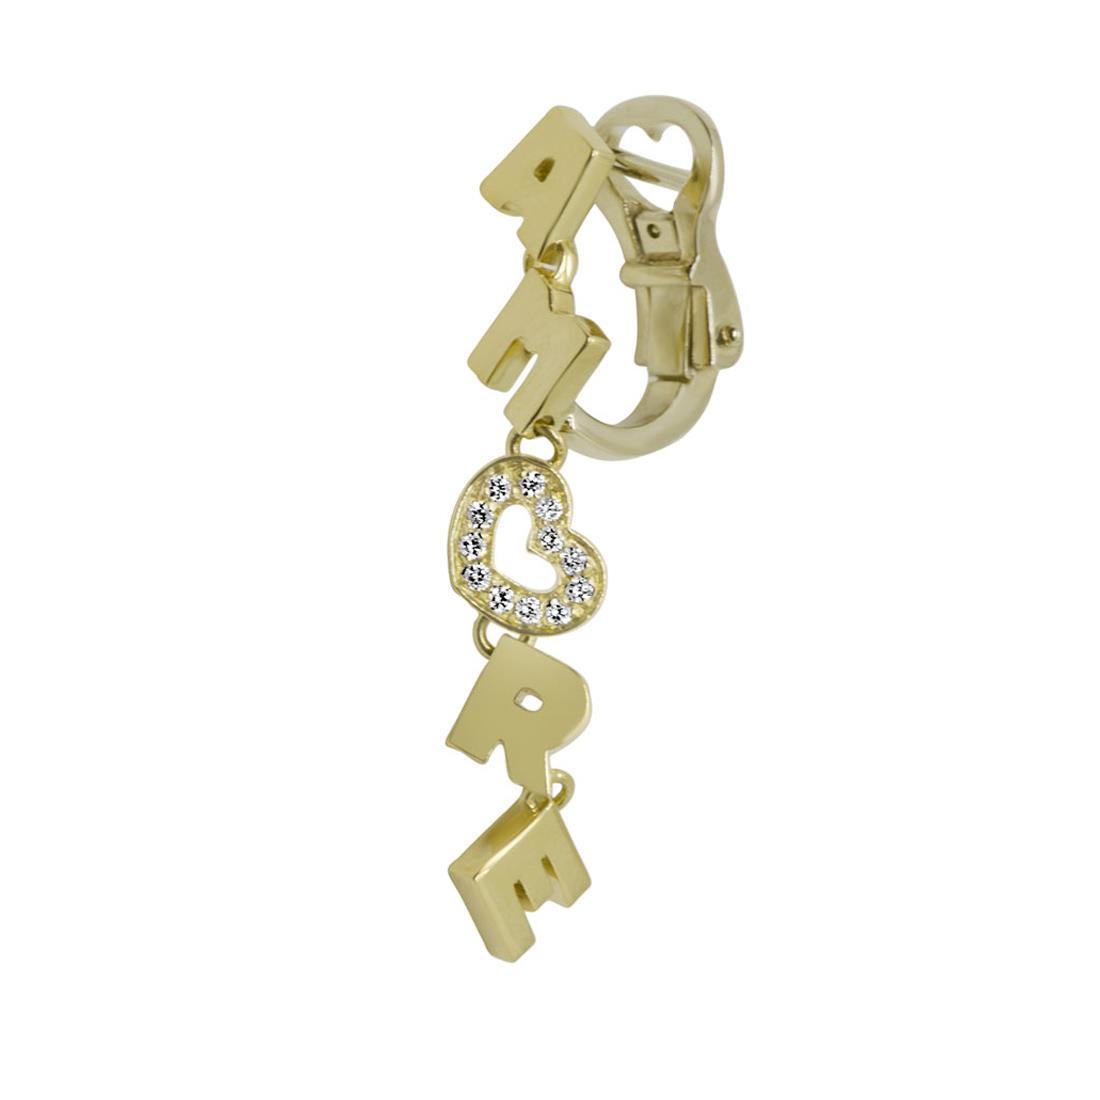 Mono orecchino in oro giallo con diamanti  - PASQUALE BRUNI